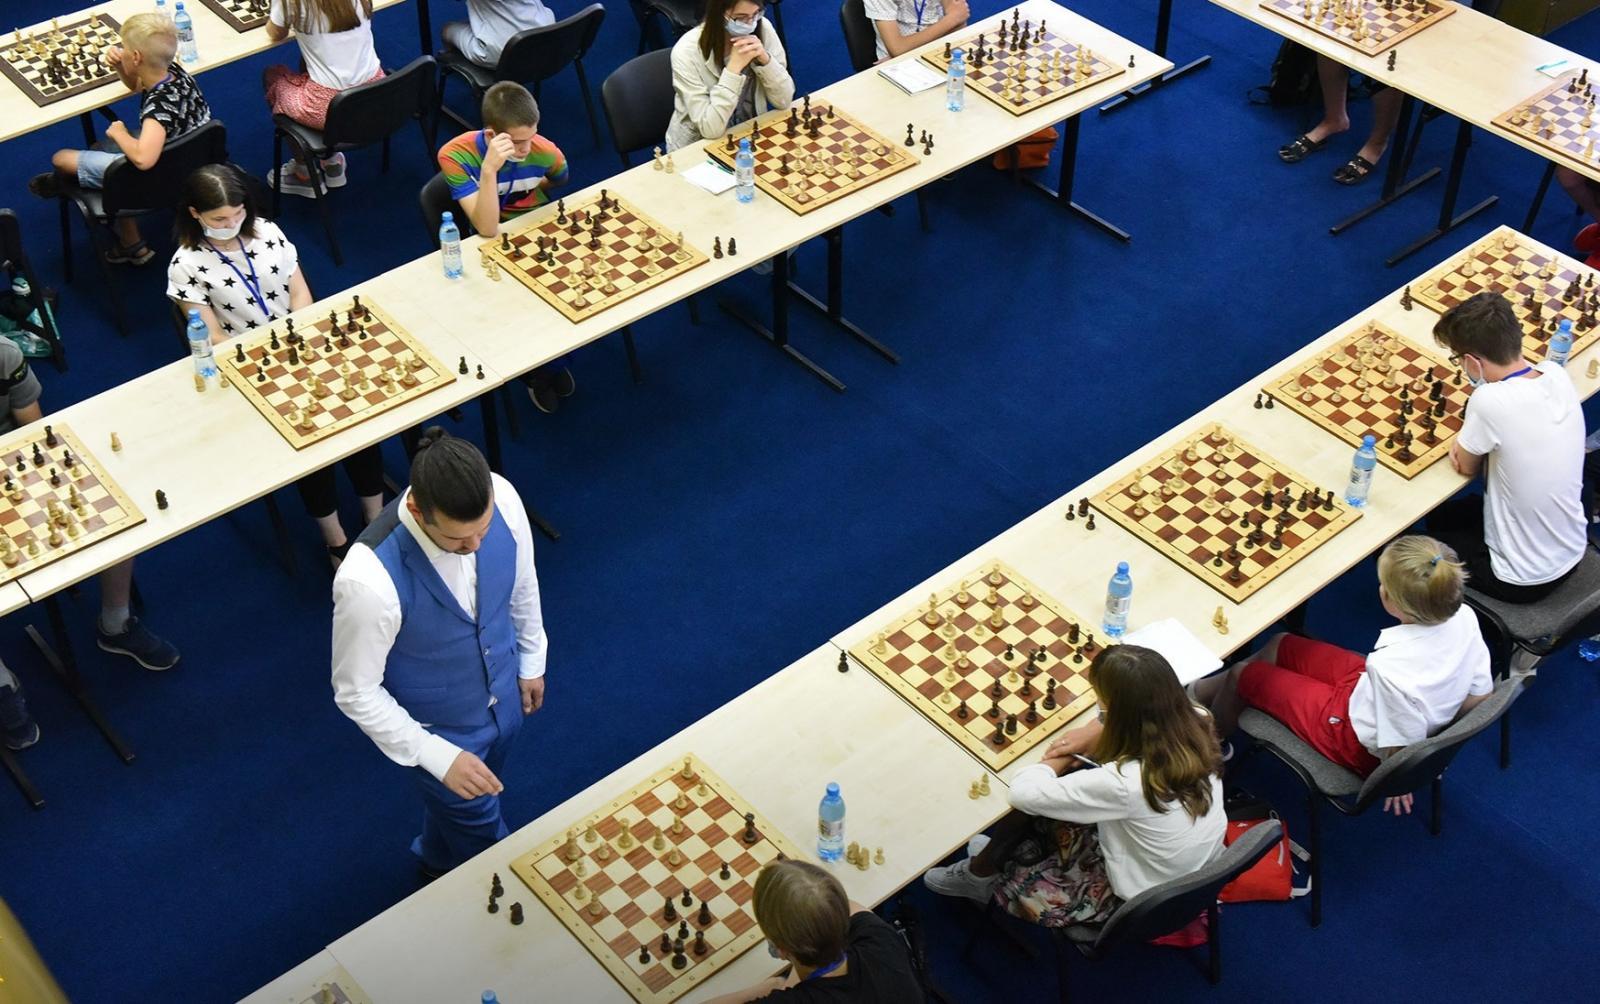 В Брянске проходит Всероссийский турнир по быстрым шахматам с призовым фондом 3 млн рублей